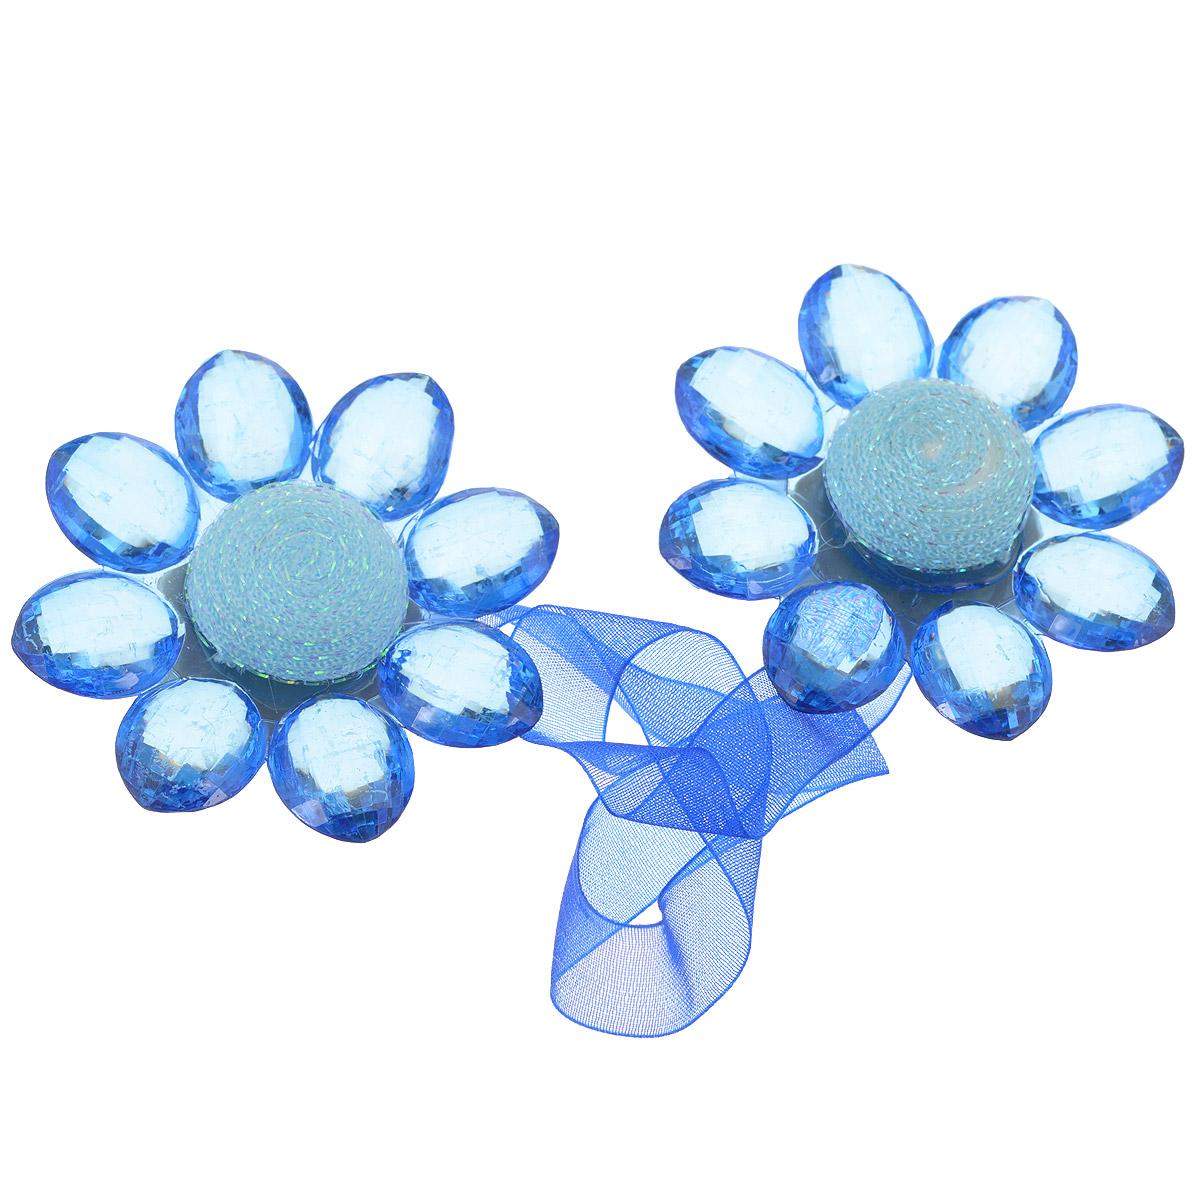 Клипса-магнит для штор Calamita Fiore, цвет: синий. 7704016_7927704016_792Клипса-магнит Calamita Fiore, изготовленная из пластика и текстиля, предназначена для придания формы шторам. Изделие представляет собой два магнита, расположенные на разных концах текстильной ленты. Магниты оформлены декоративными цветками. С помощью такой магнитной клипсы можно зафиксировать портьеры, придать им требуемое положение, сделать складки симметричными или приблизить портьеры, скрепить их. Клипсы для штор являются универсальным изделием, которое превосходно подойдет как для штор в детской комнате, так и для штор в гостиной. Следует отметить, что клипсы для штор выполняют не только практическую функцию, но также являются одной из основных деталей декора этого изделия, которая придает шторам восхитительный, стильный внешний вид. Материал: пластик, полиэстер, магнит.Диаметр декоративного цветка: 5,5 см.Длина ленты: 28 см.